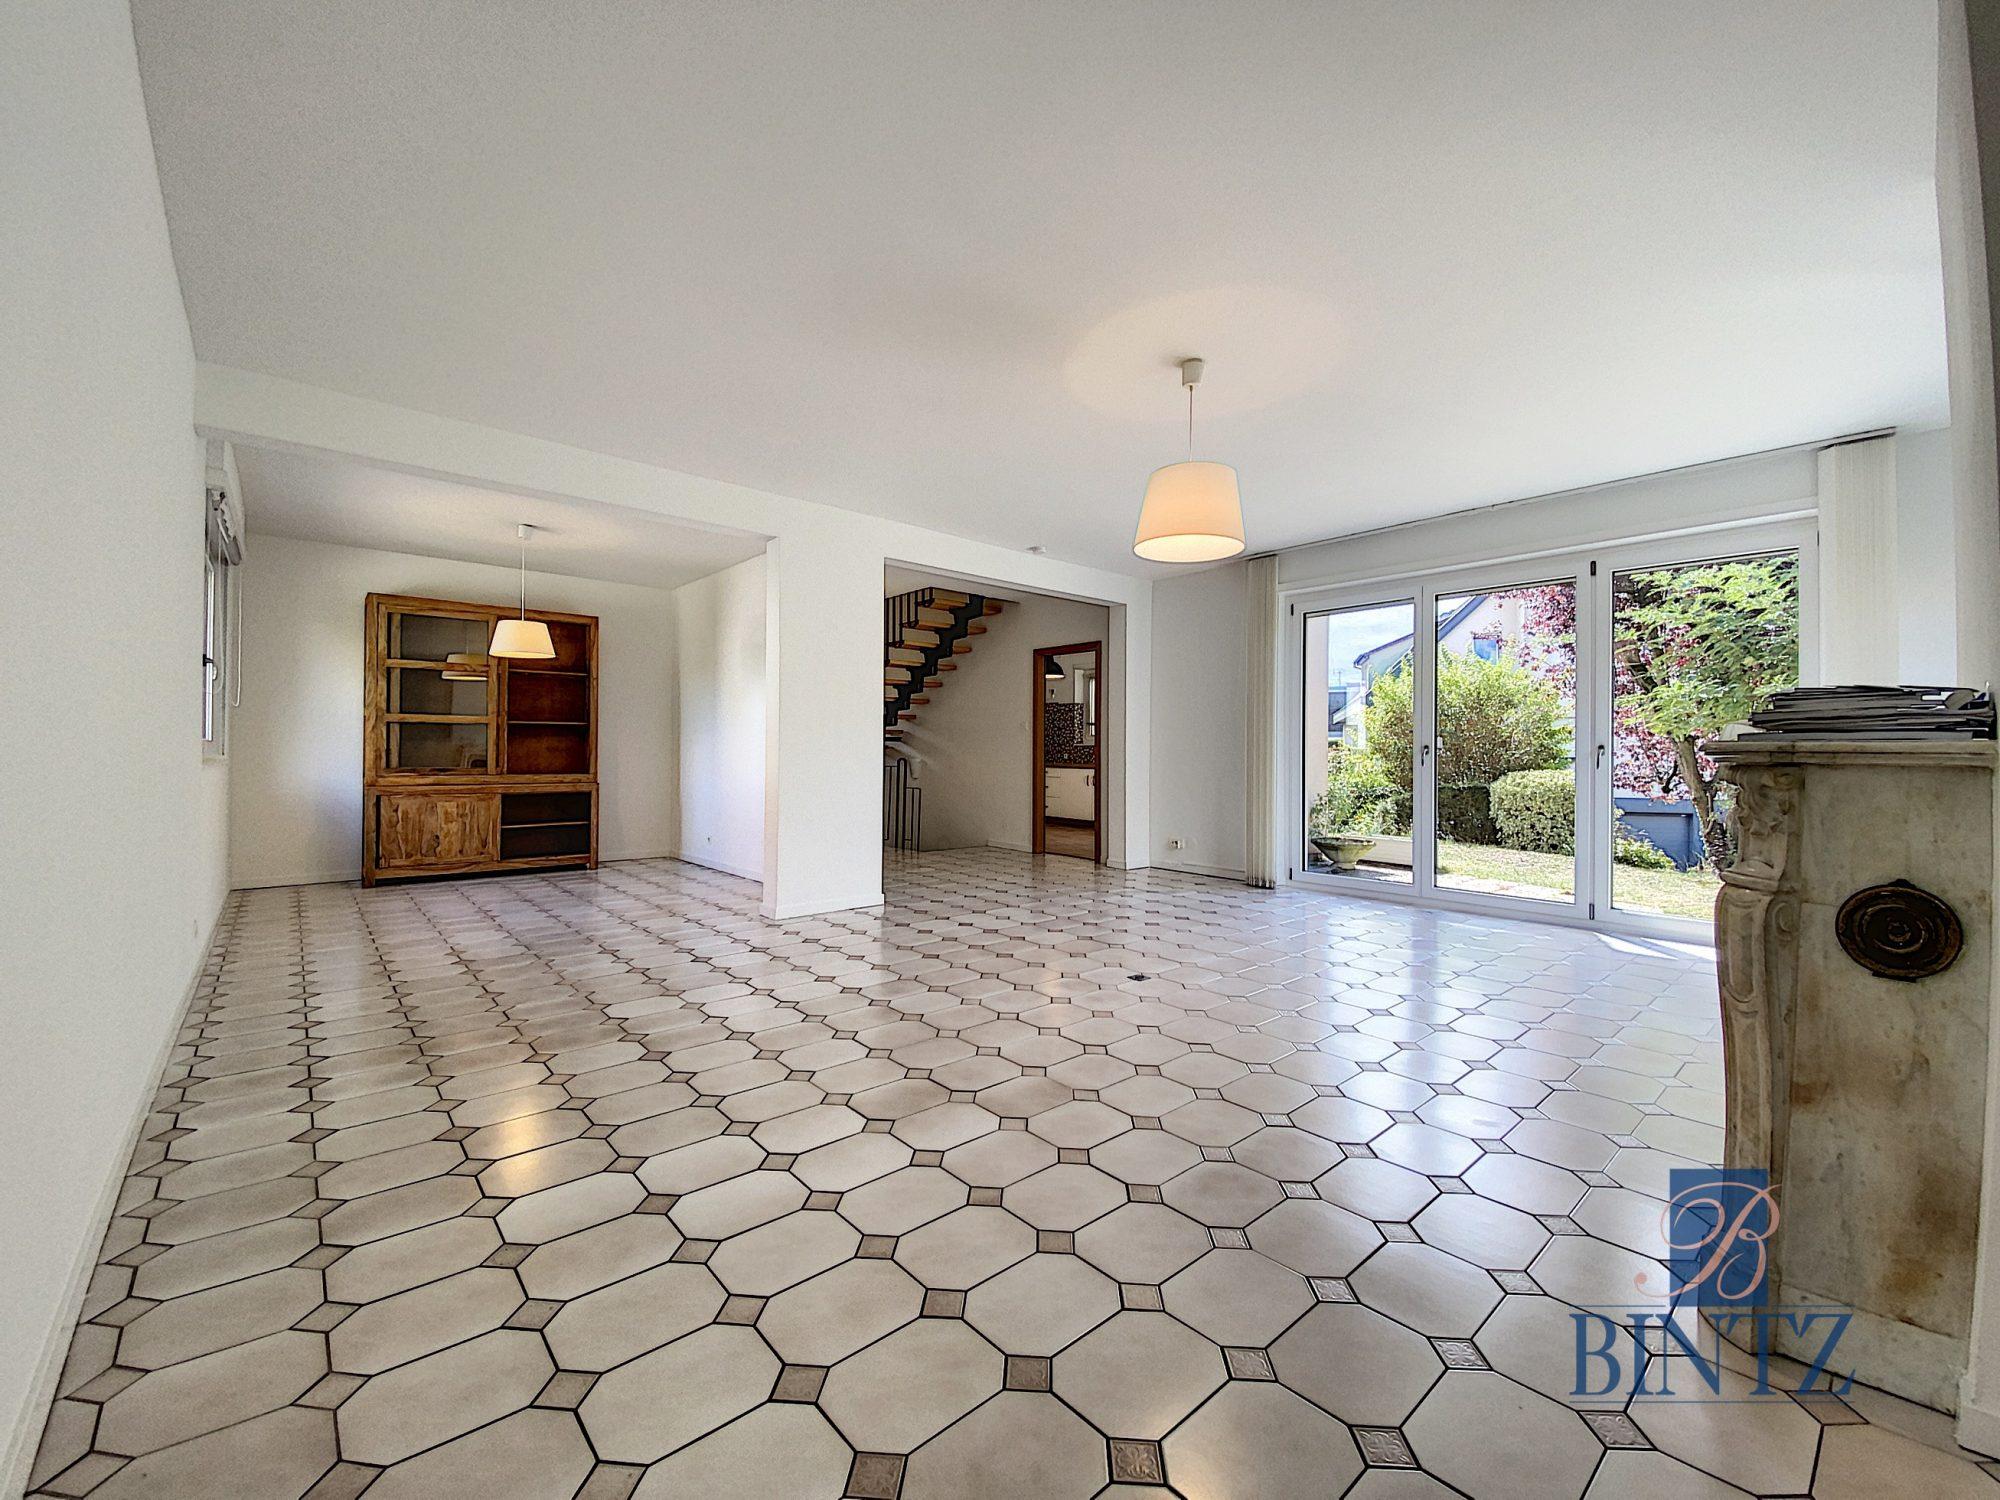 MAISON A LOUER ROBERTSAU - Devenez locataire en toute sérénité - Bintz Immobilier - 6